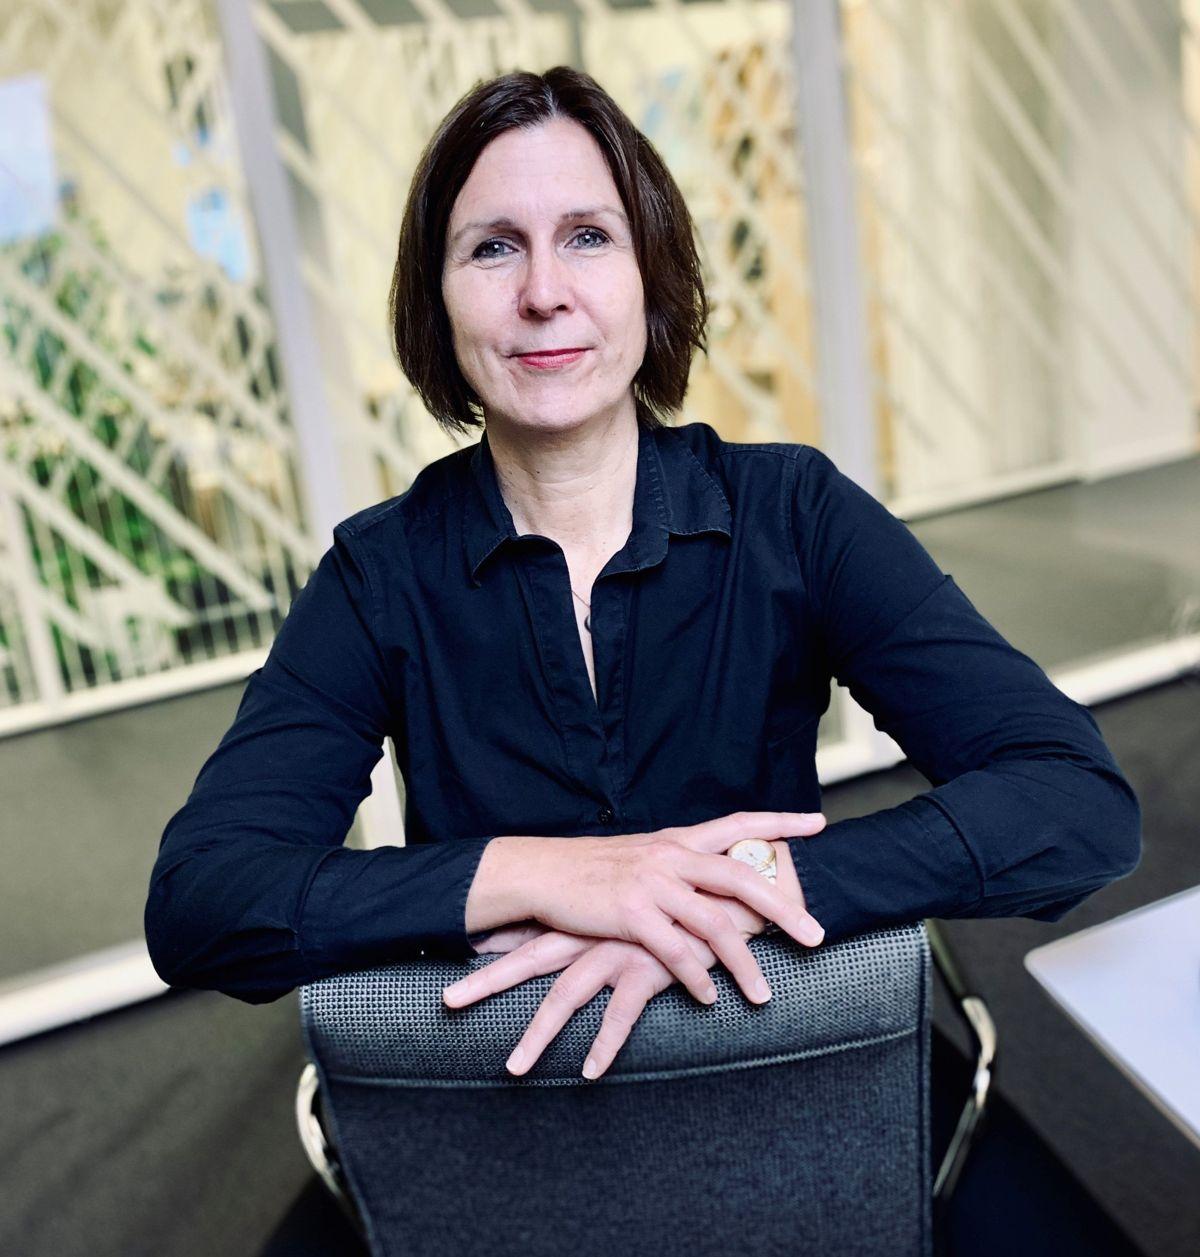 Innkjøpssjef Heidi Elise Rygg i Bærum mener langt flere kommuner bør utforske mulighetene innovative anskaffelsesprosesser åpner for.